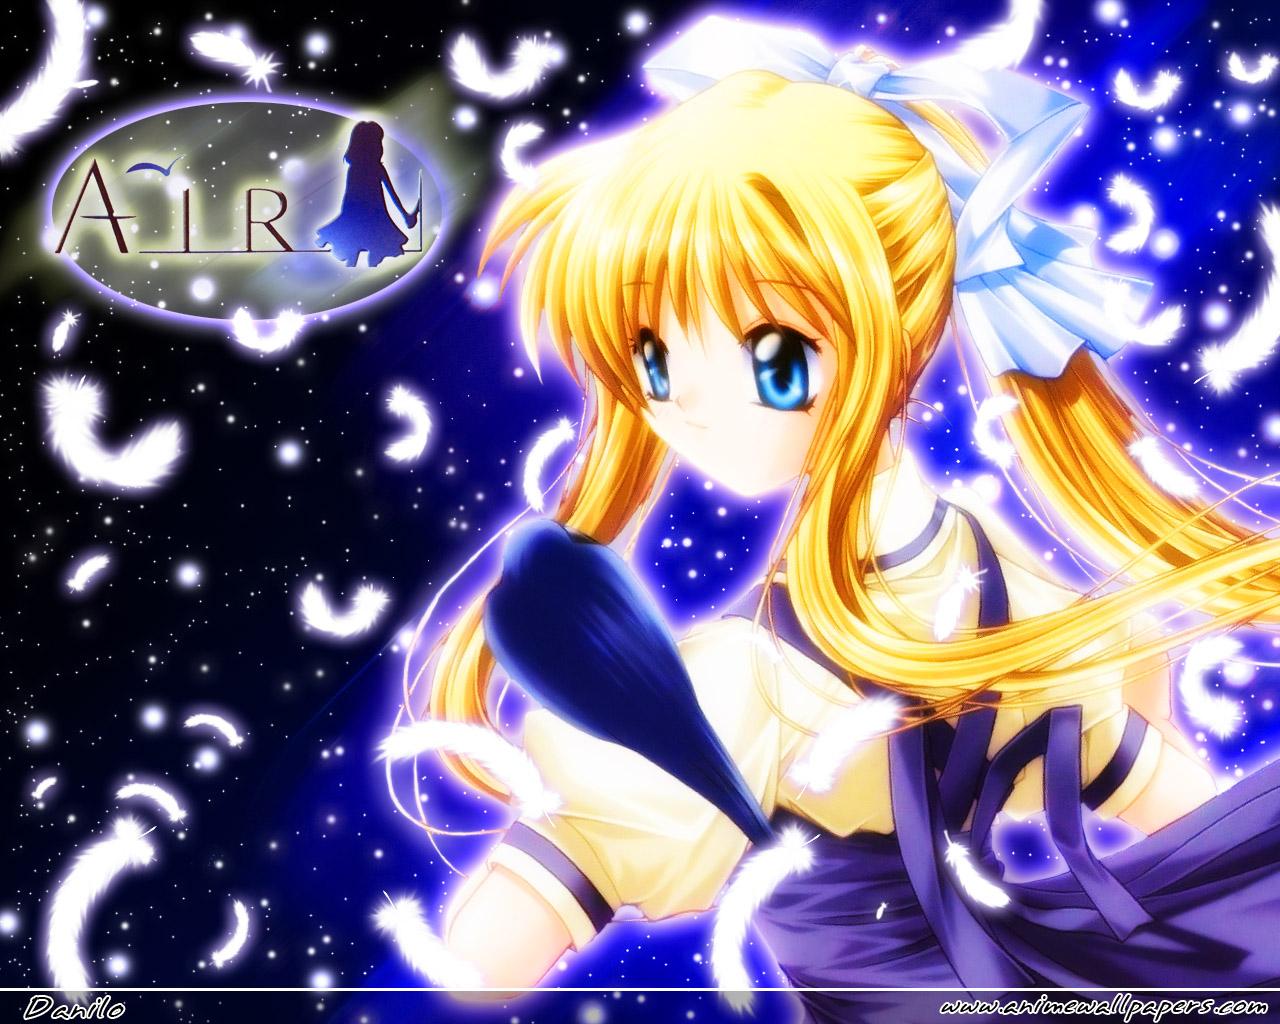 Air Anime Wallpaper # 16